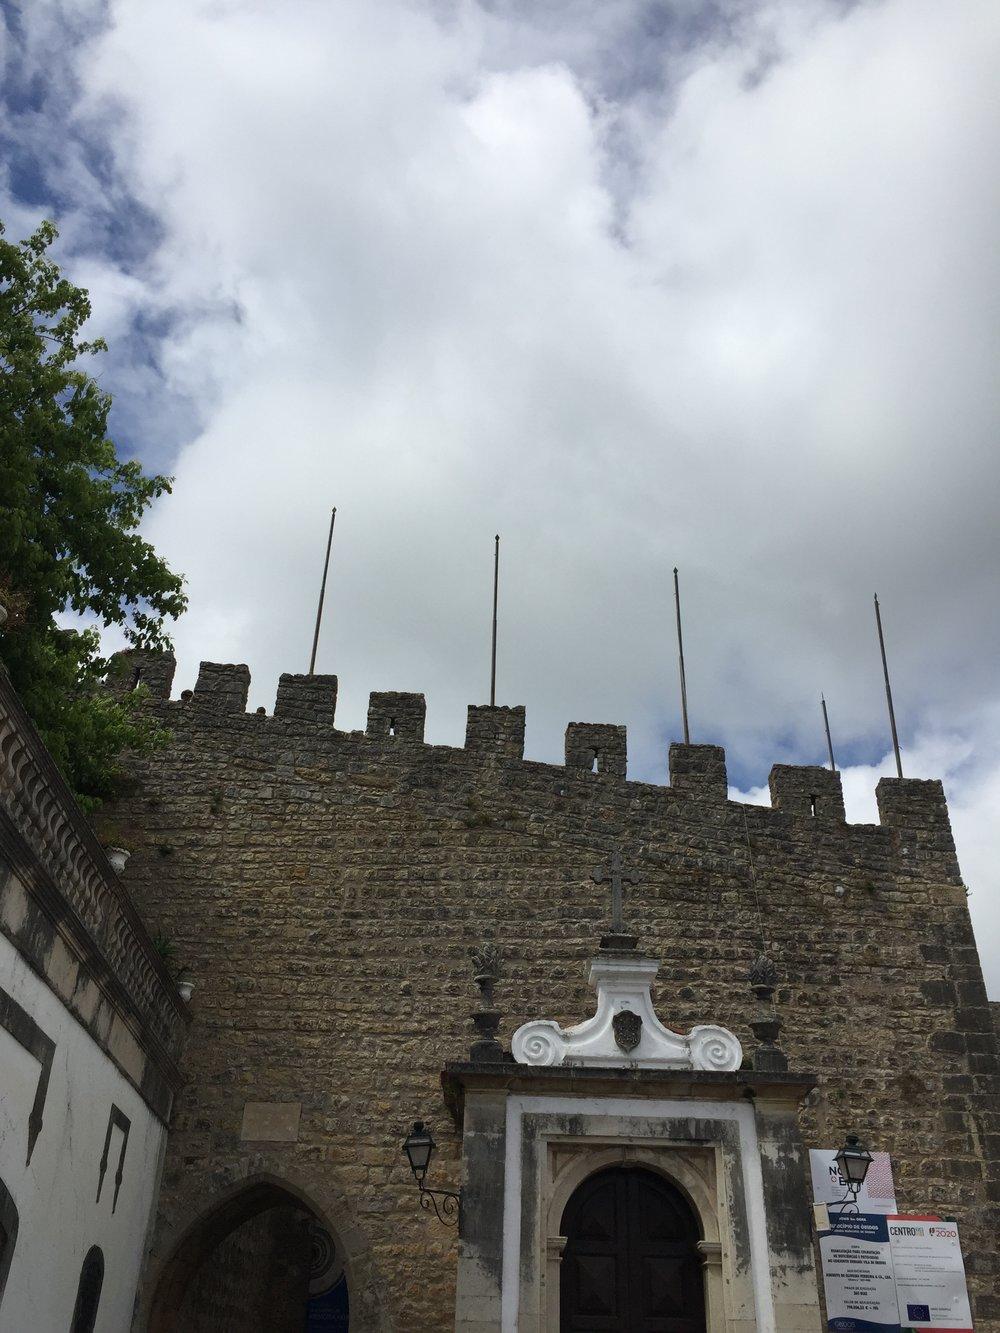 As muralhas que aprisionam,também nos protegem. Por cima delas,podemos enxergar ao longe.É possivel fazer aqui uma associação com o papel da família em nosso desenvolvimento.